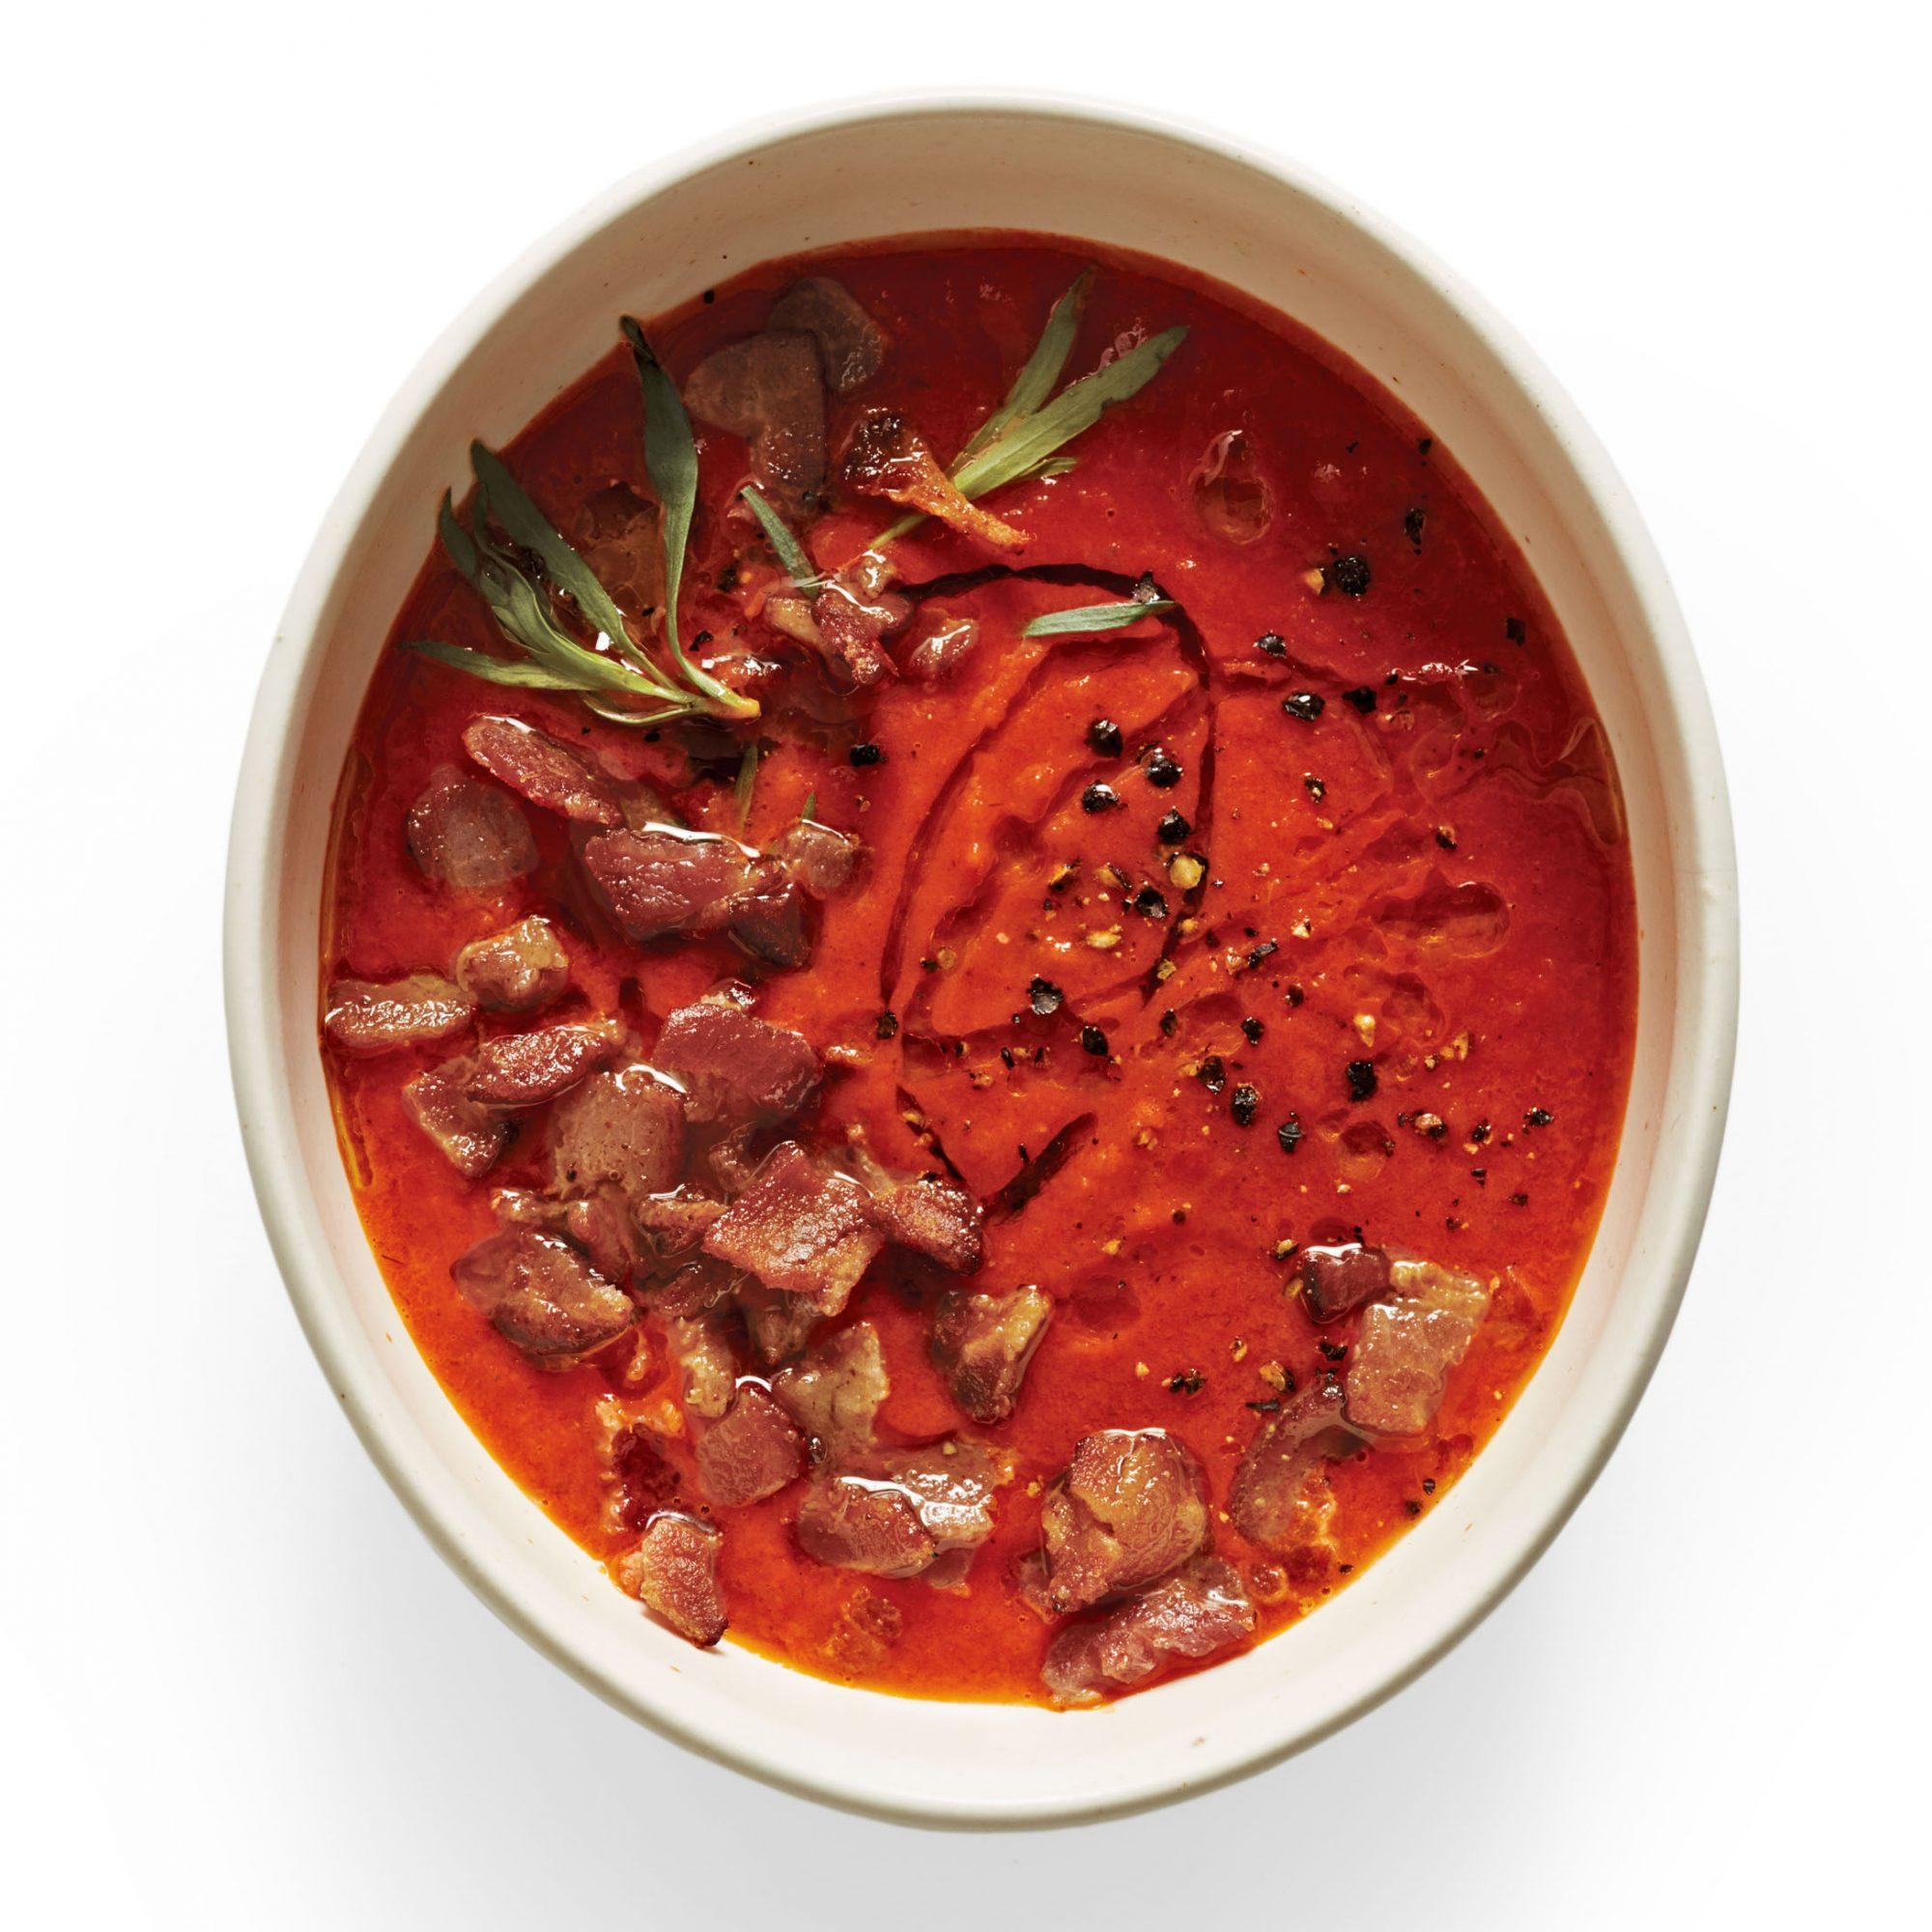 tomato tarragon soup with bacon